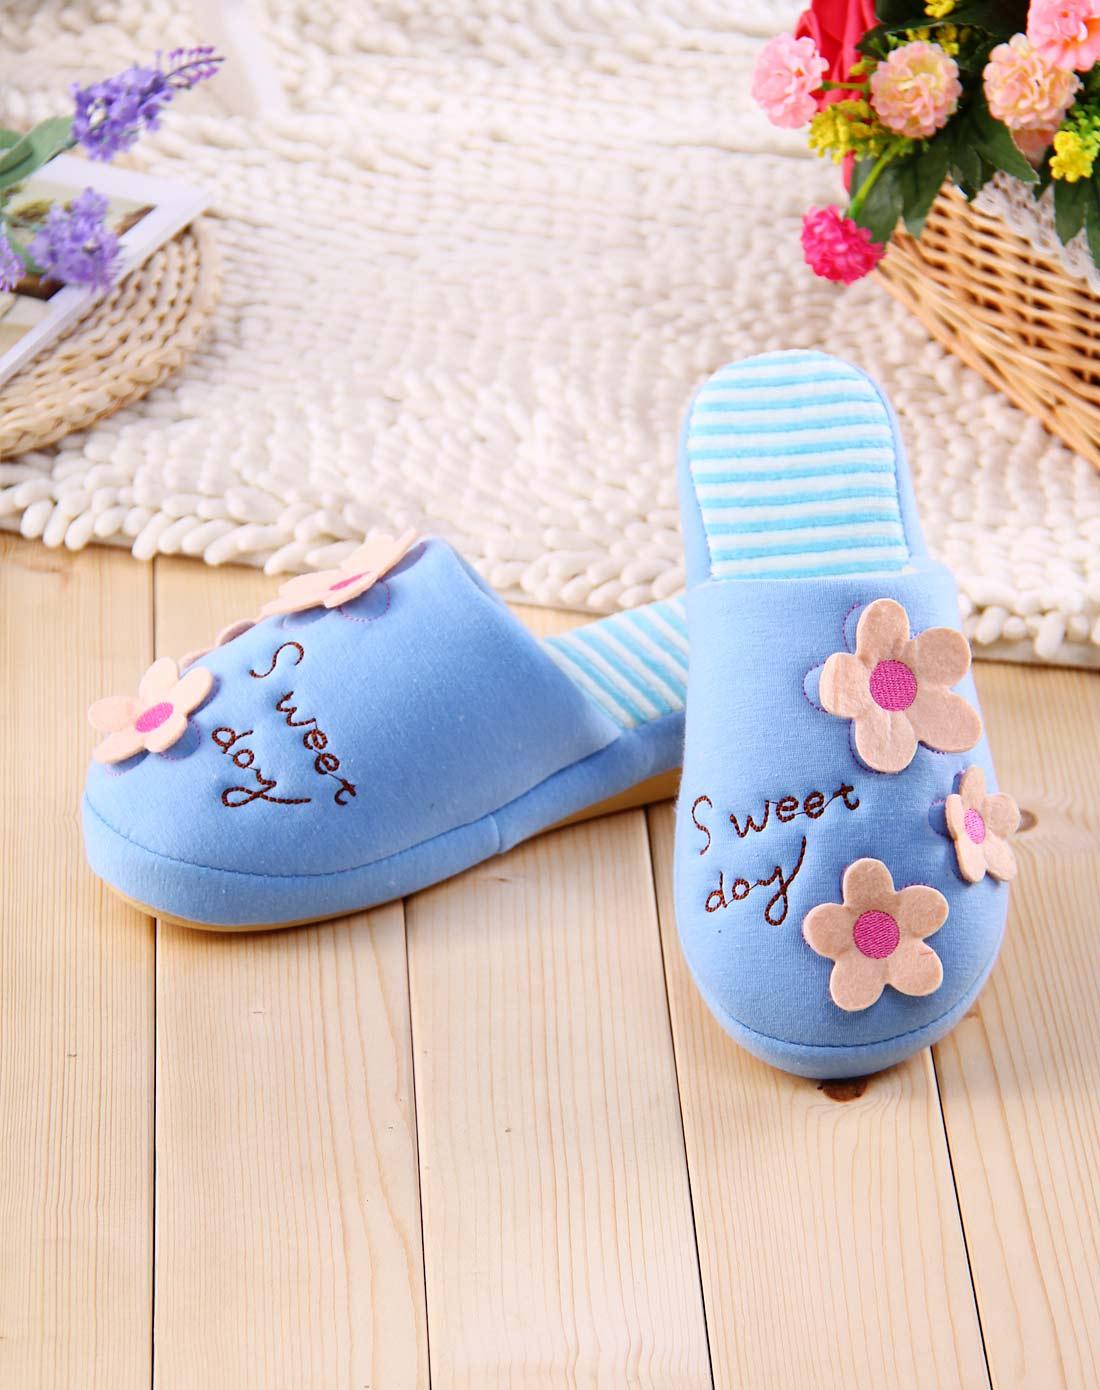 戴君儿 女士天蓝色花朵小清新居家棉拖鞋